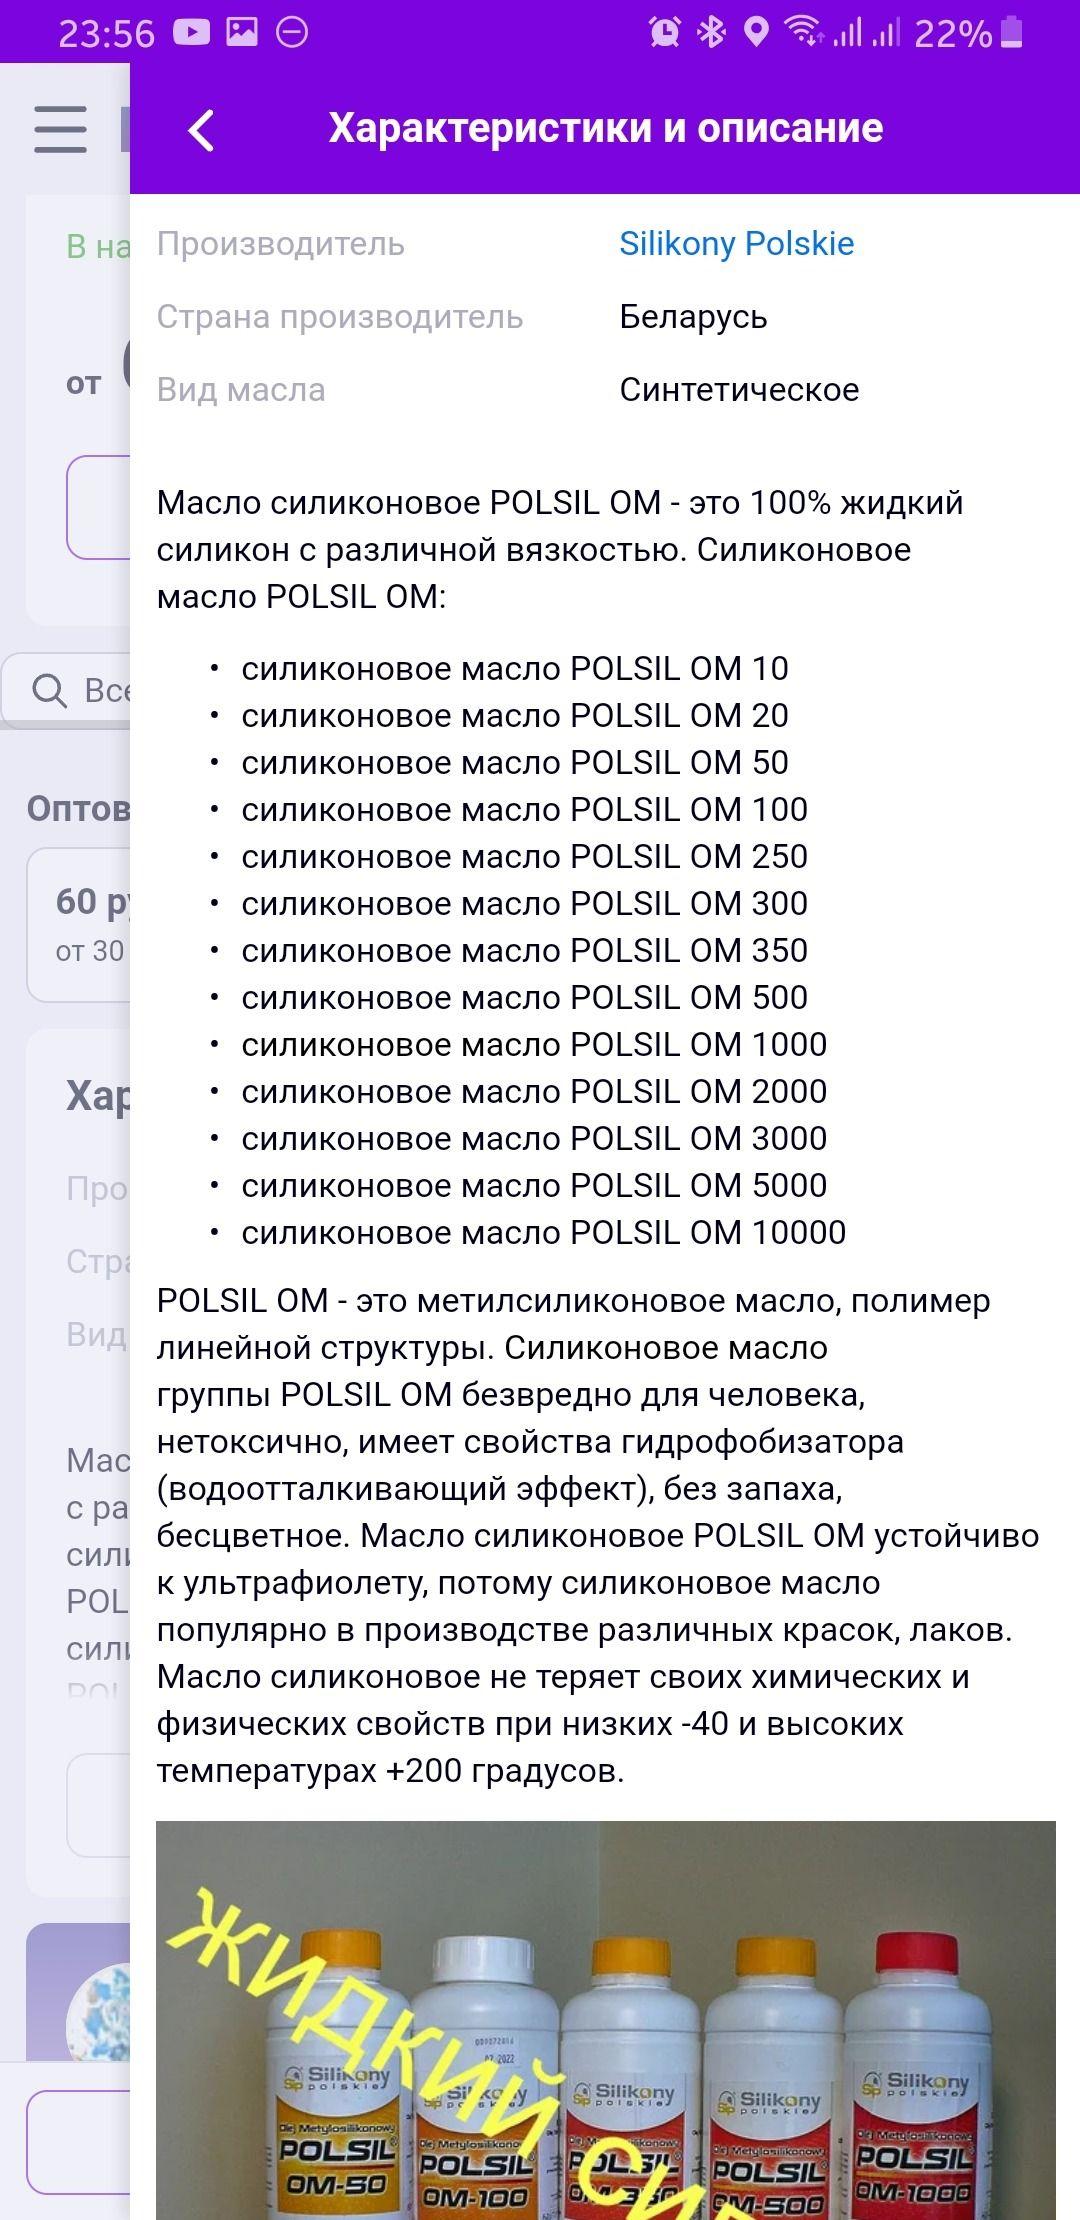 Screenshot_20211012-235625_Chrome.jpg